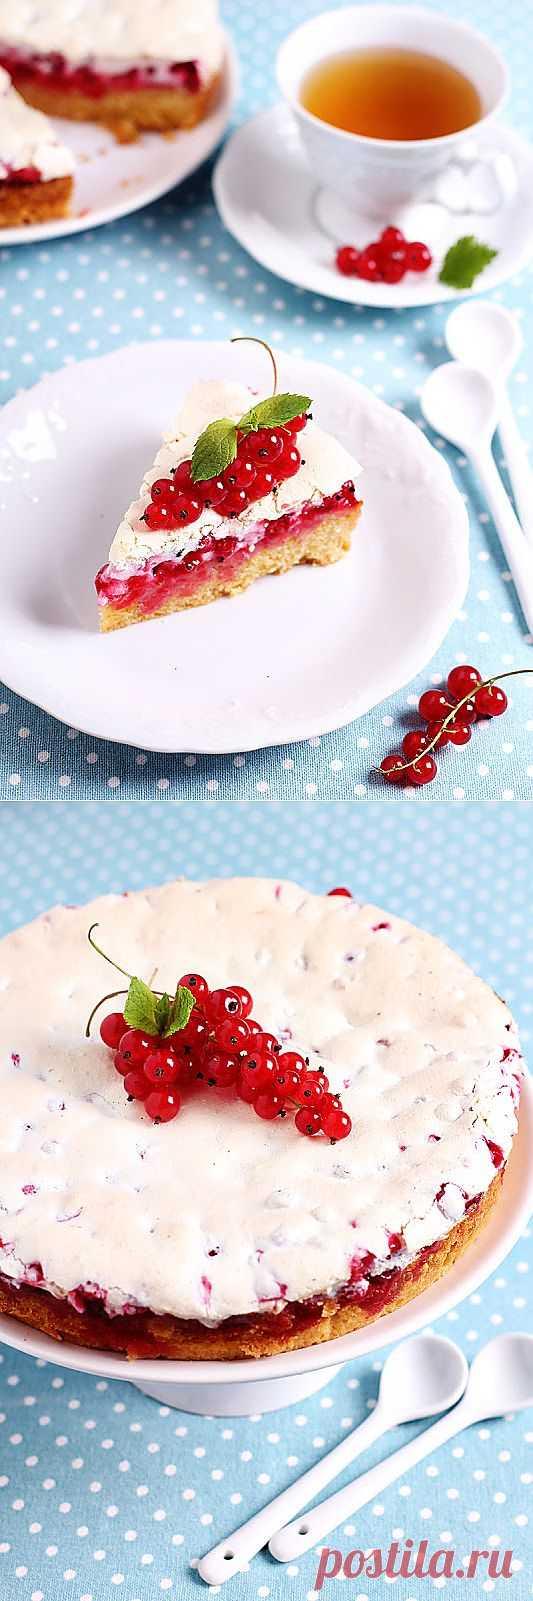 Пирог с красной смородиной. Автор: fahrwasser